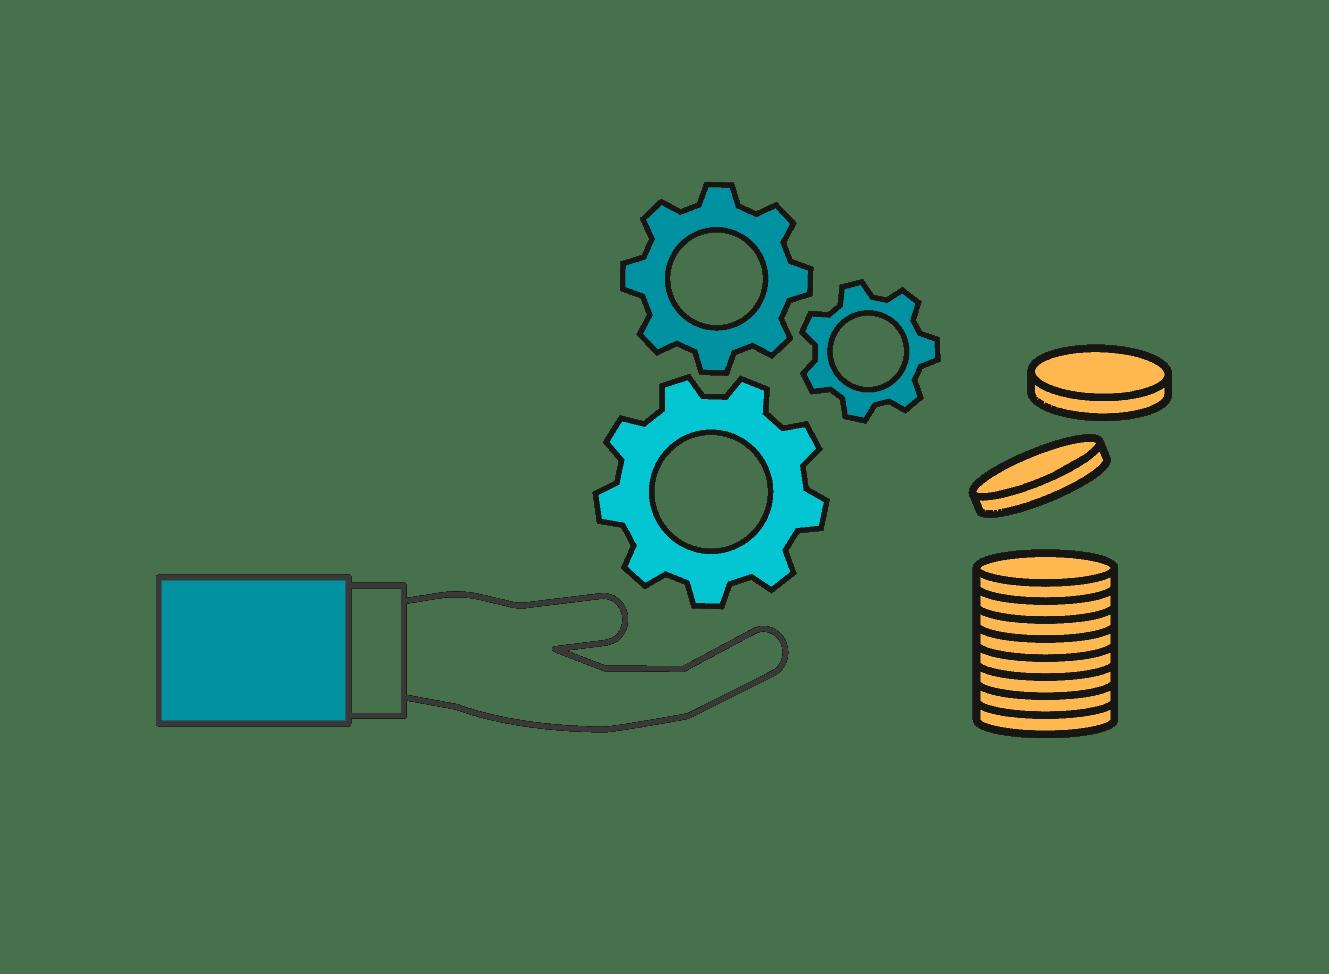 Formas-e-regras-de-recebimento-gestao-financeira-locusprime_